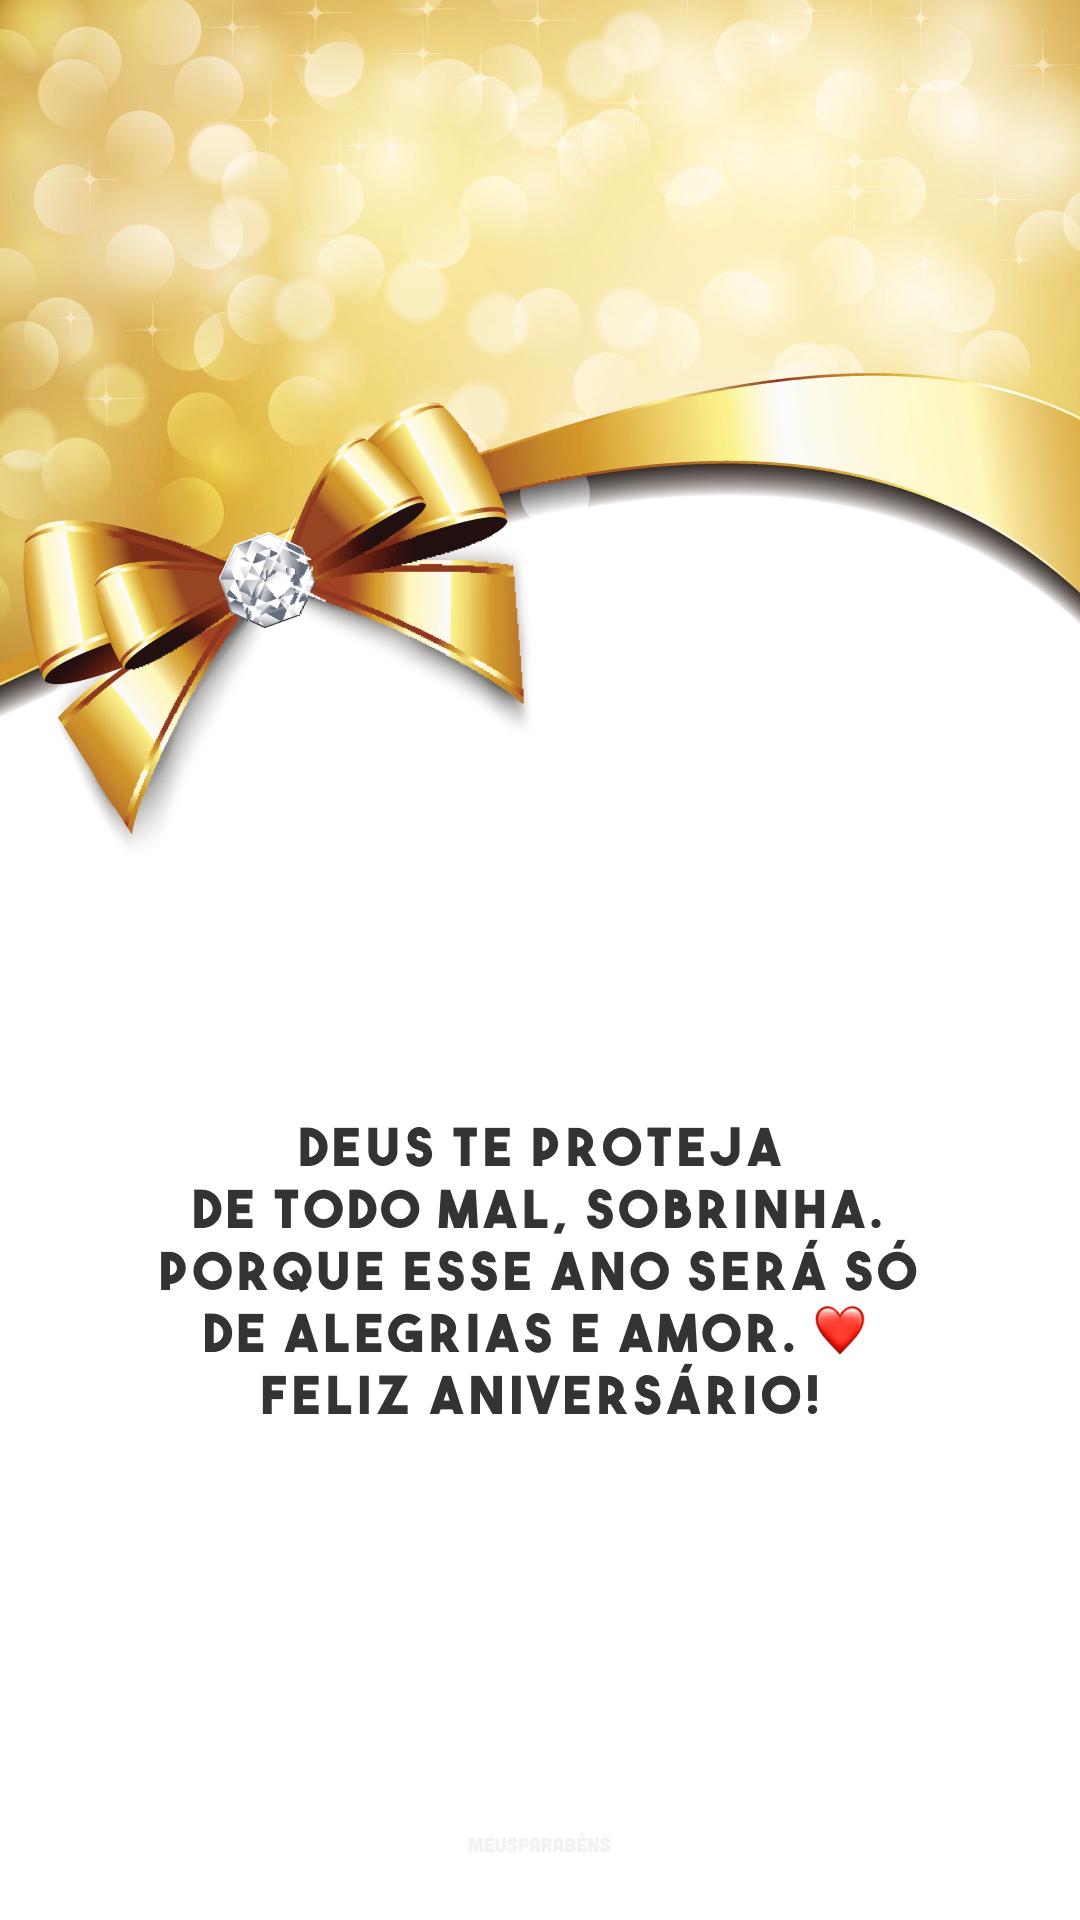 Deus te proteja de todo mal, sobrinha. Porque esse ano será só de alegrias e amor. ❤️ Feliz aniversário!